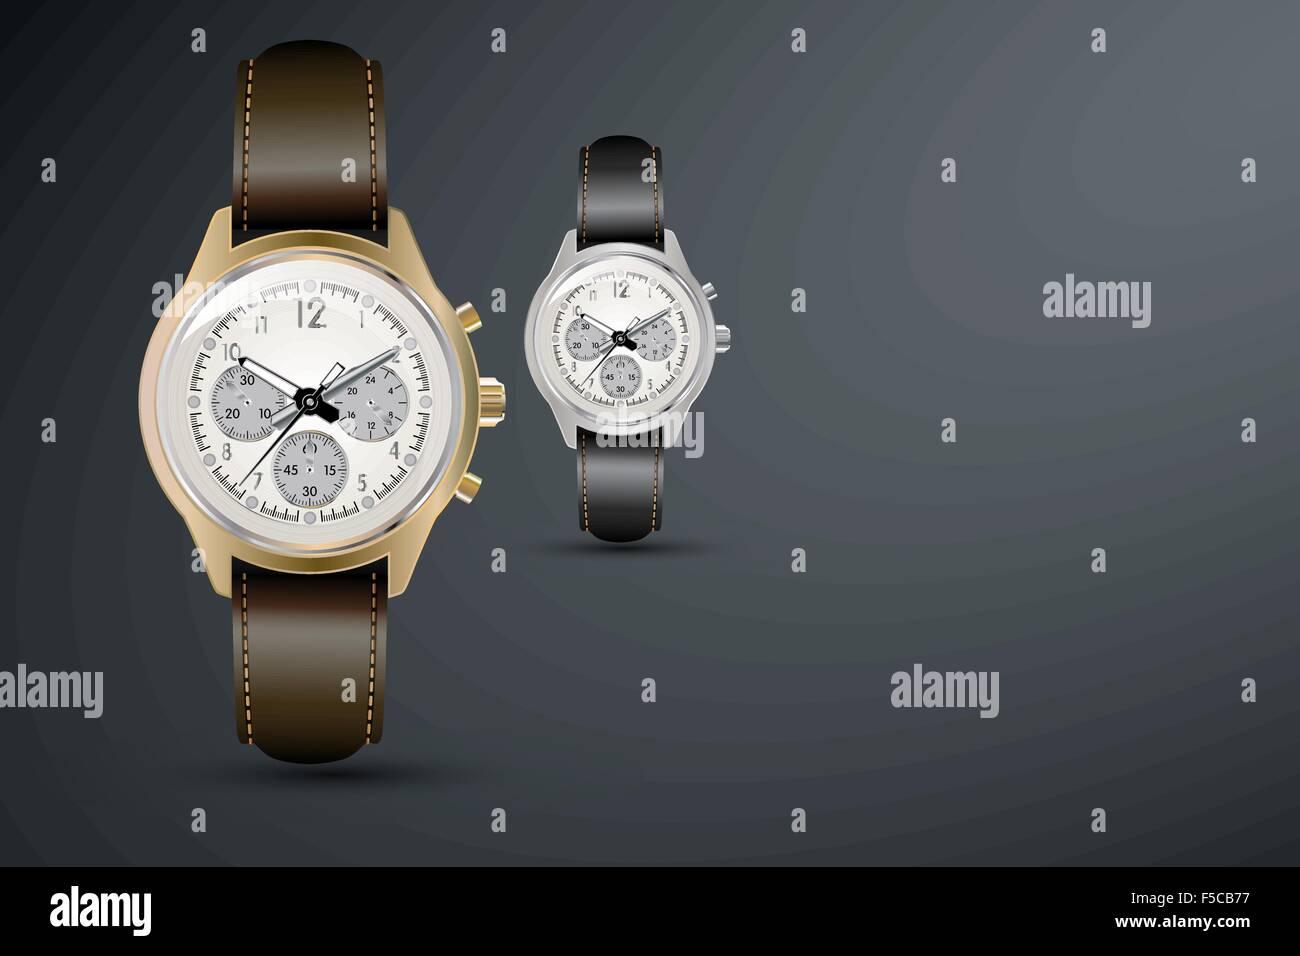 Stilvolle detaillierte Uhr auf einem dunklen Hintergrund. Vektor Stockbild